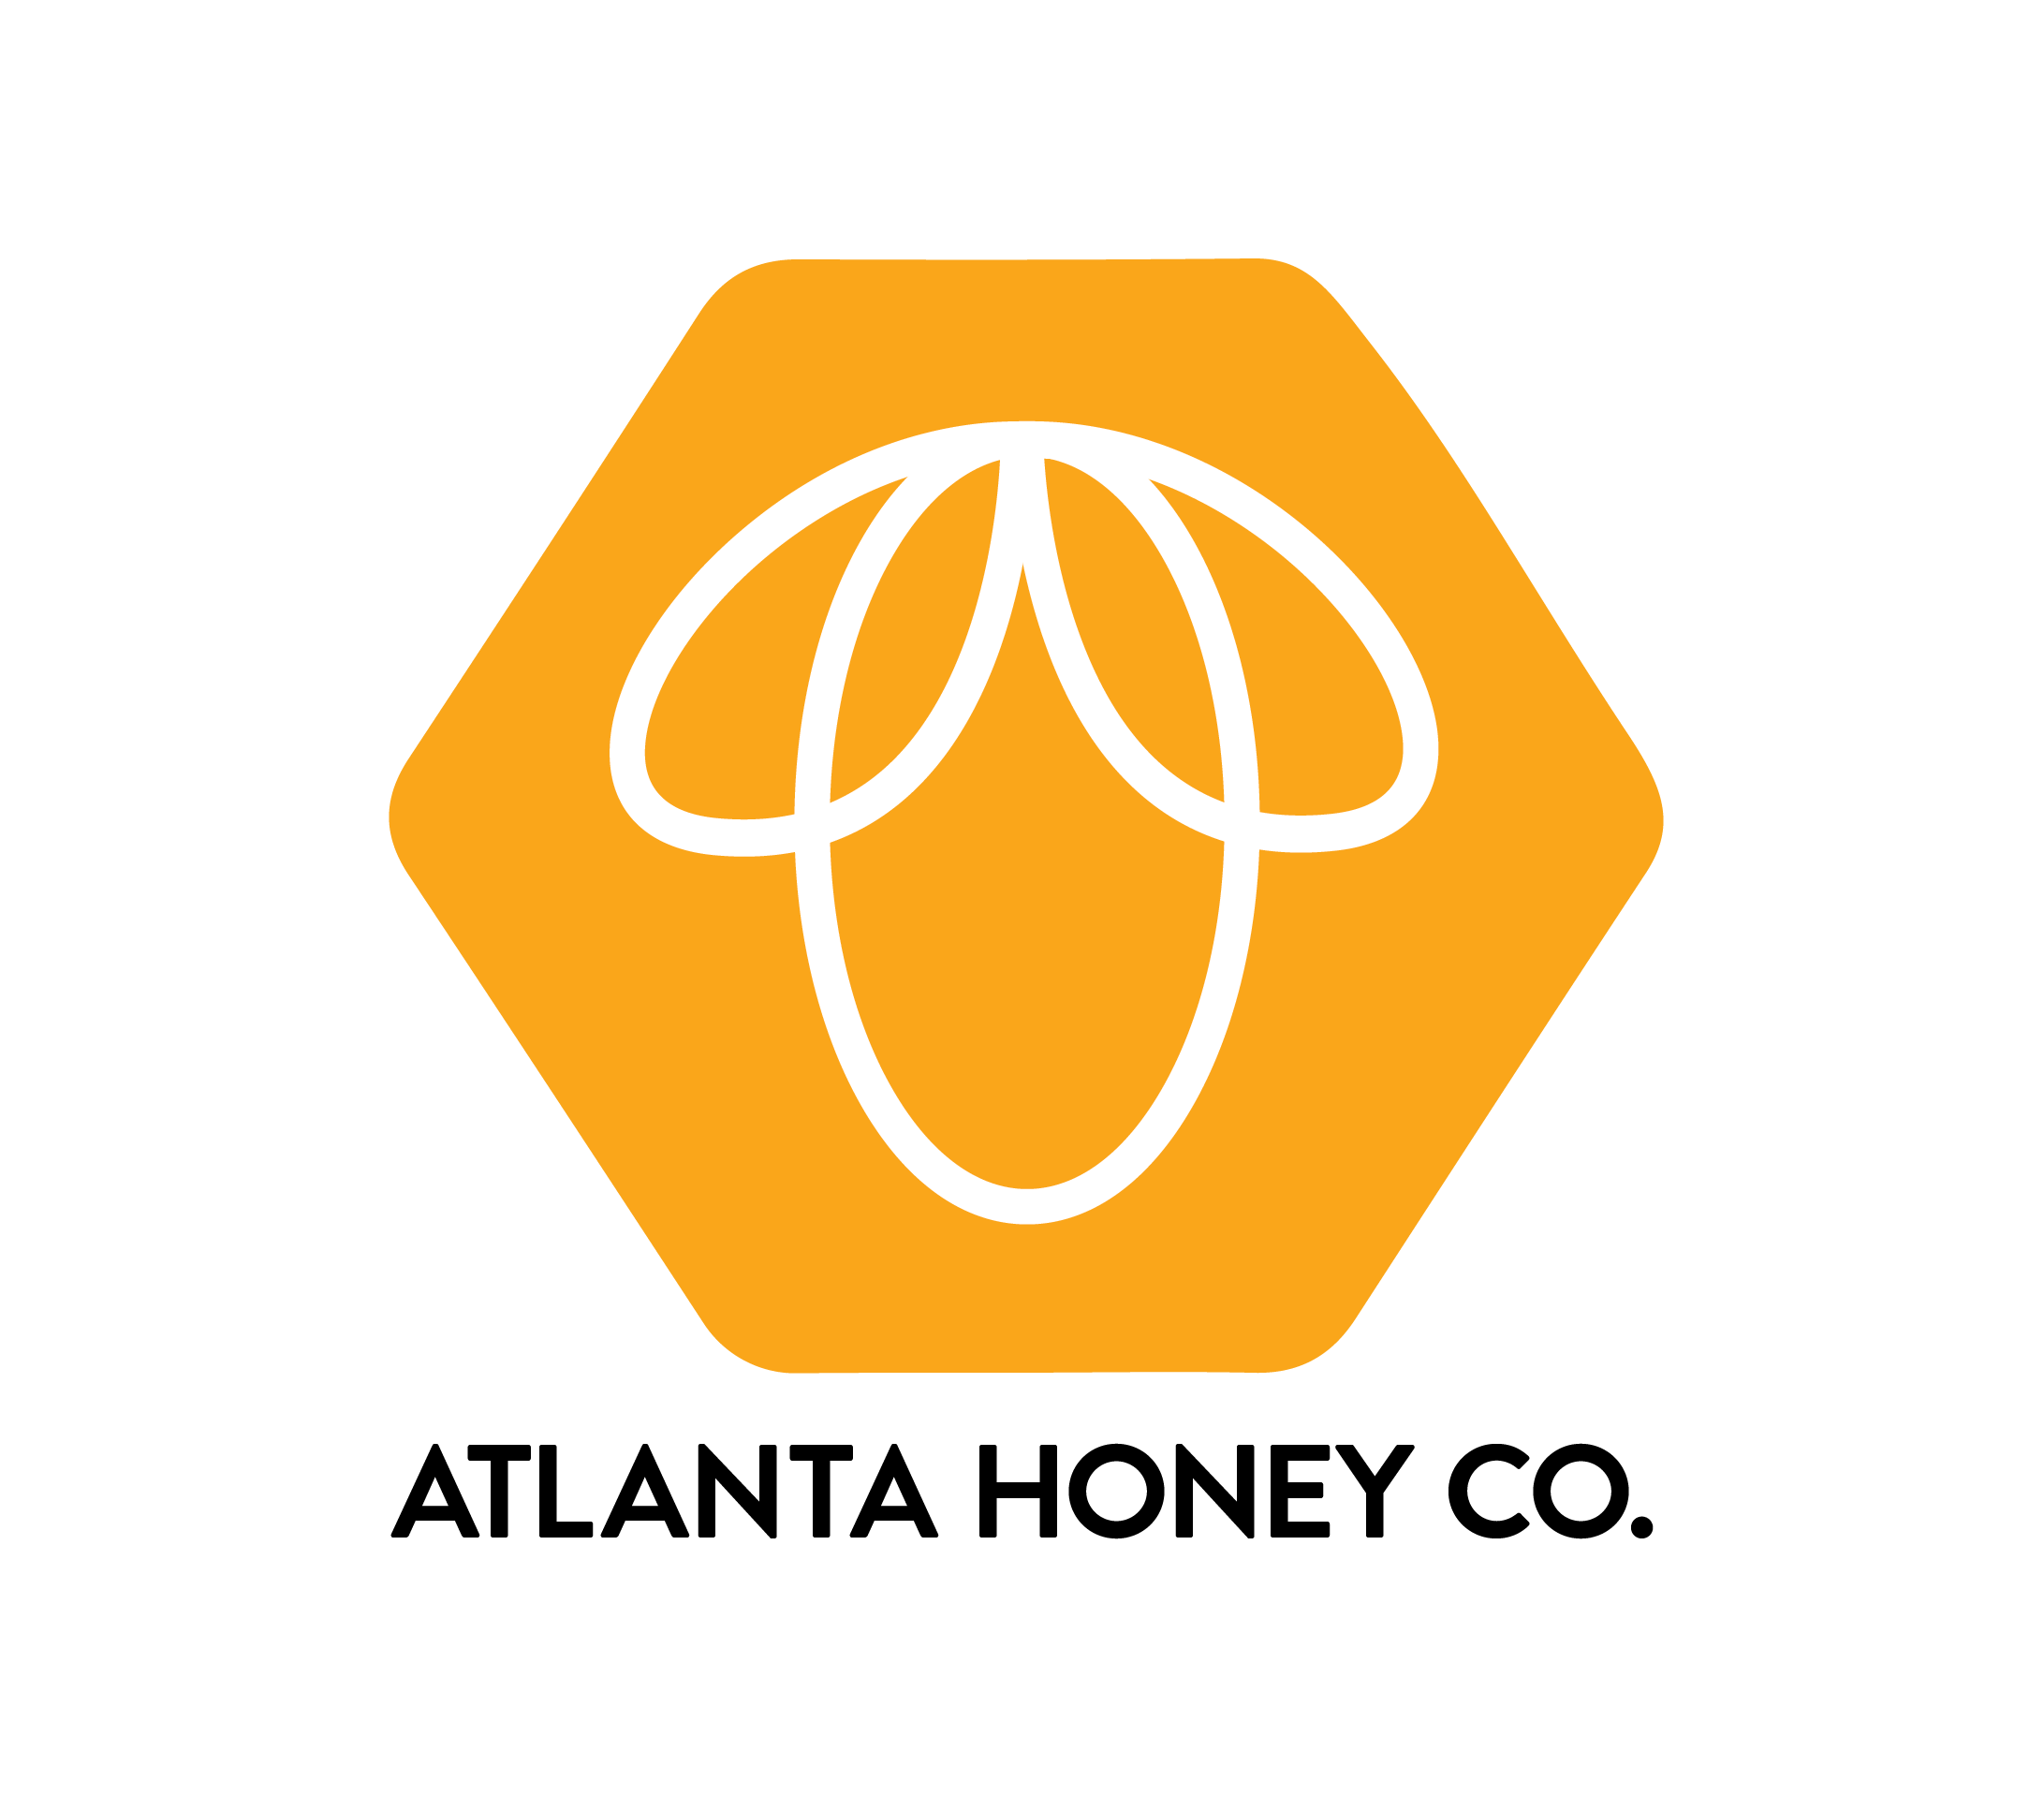 Atlanta Honey Co., local bee keeper and honey producer